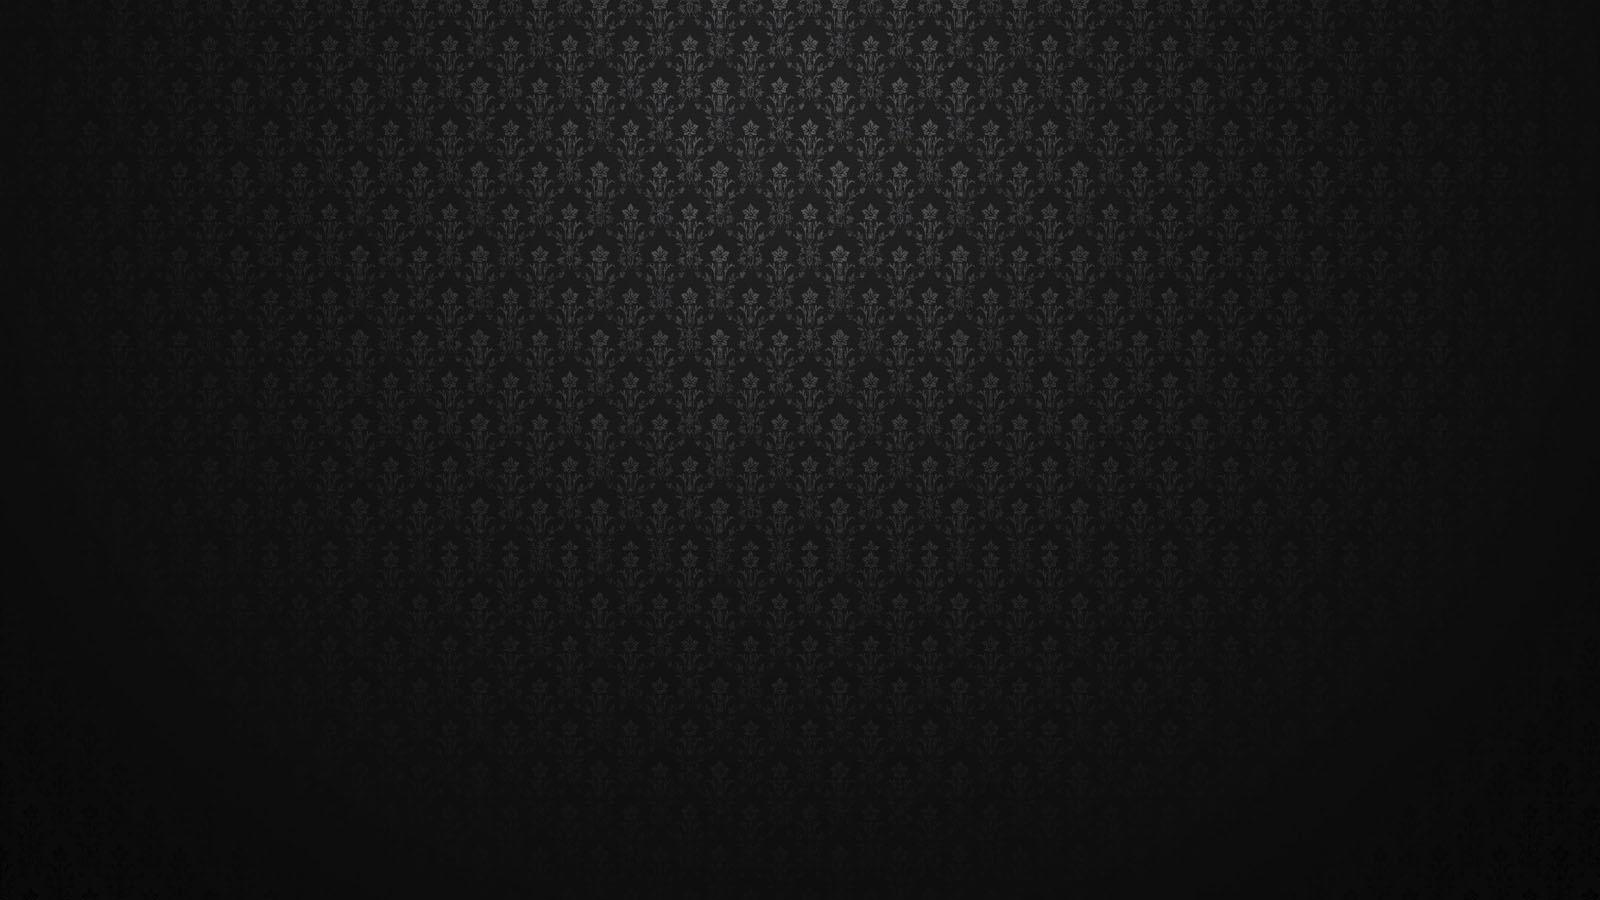 Free Download 40 Dark Wallpaper Images In 4k For Desktop Laptop And Tablets